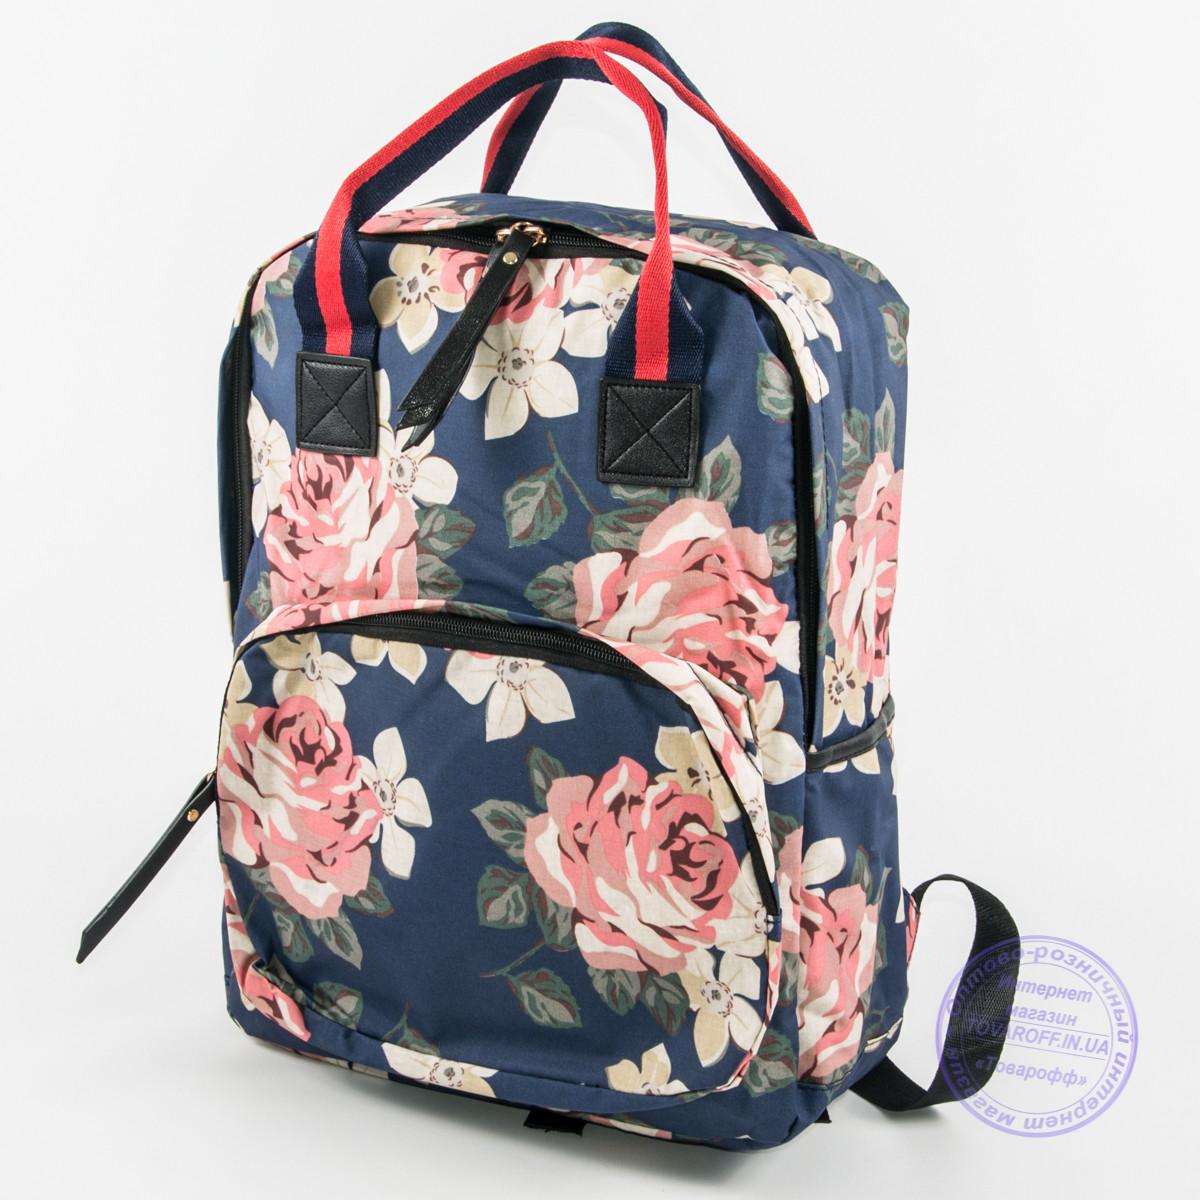 a8b96523fd7b Сумка-рюкзак для школы и прогулок - синий - 9015 - Интернет магазин  Товарофф в